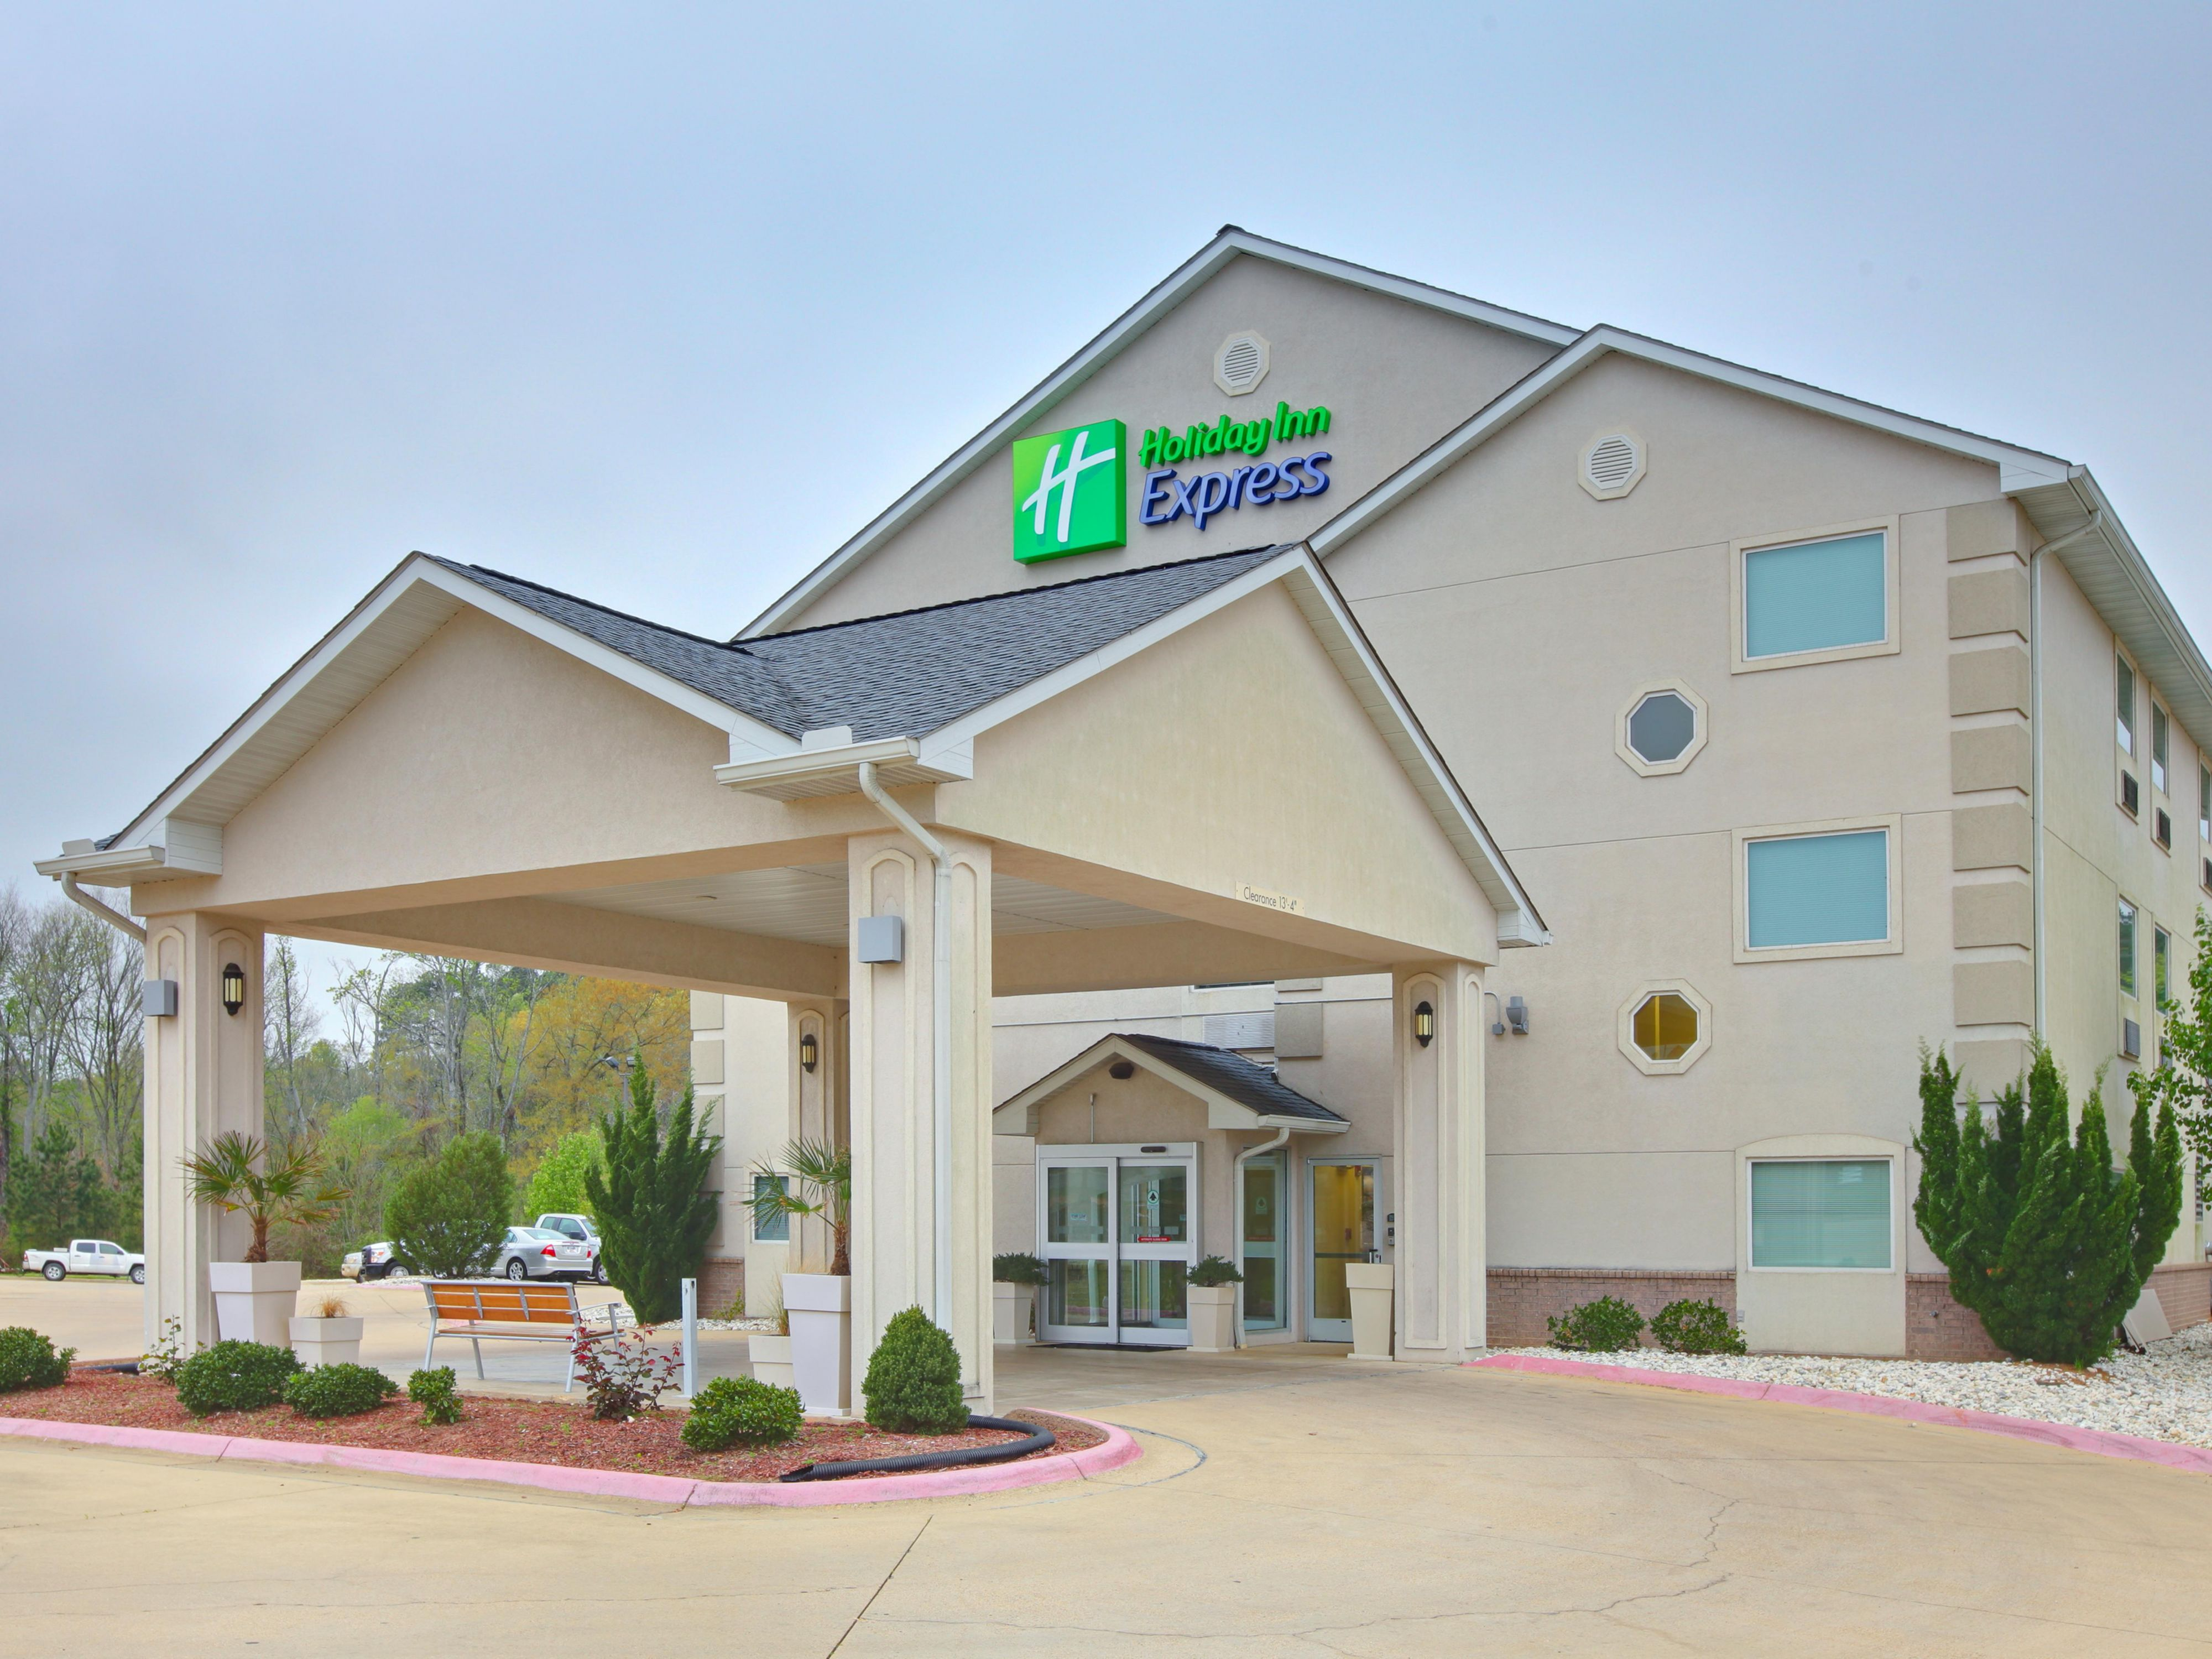 El Dorado Ar Hotels